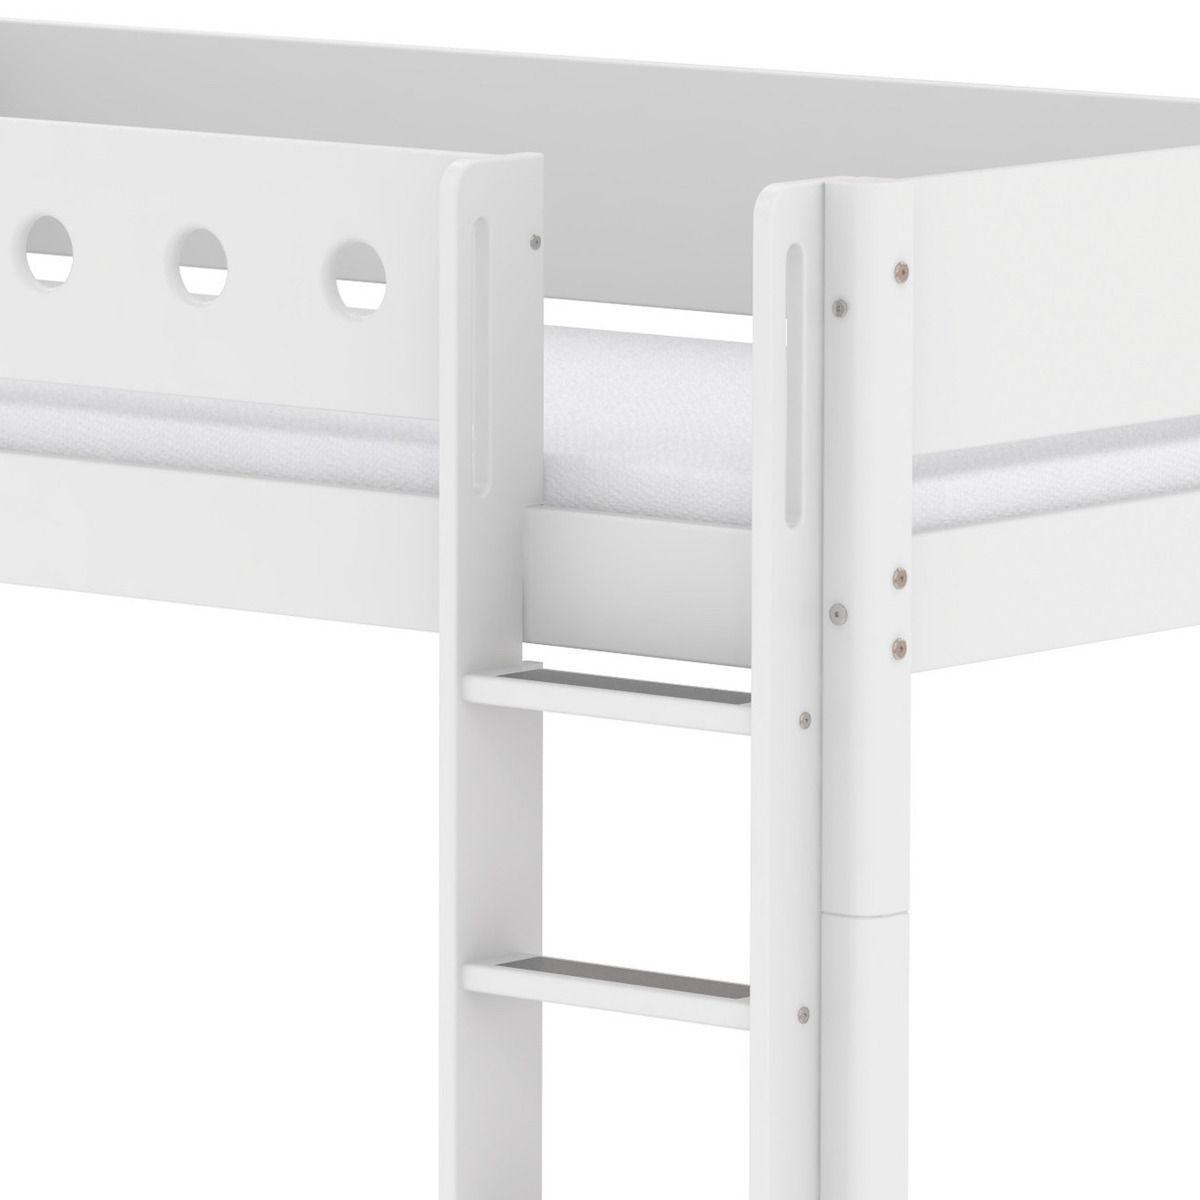 Lit évolutif enfant superposé 90x200 cm - échelle droite WHITE Flexa blanc